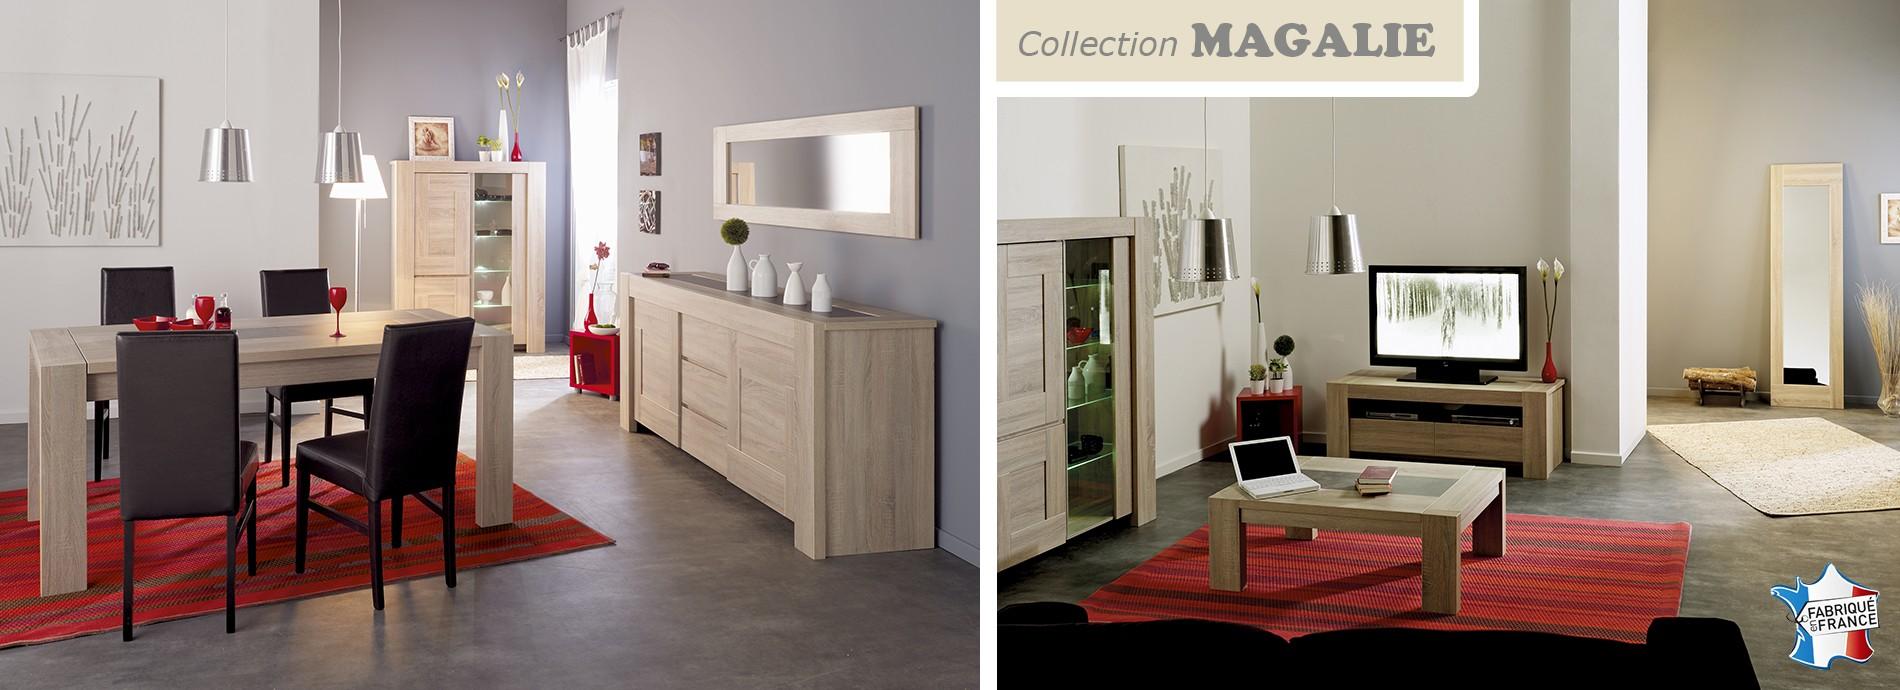 Collection MAGALIE - Décor chêne brut avec incrustation de béton